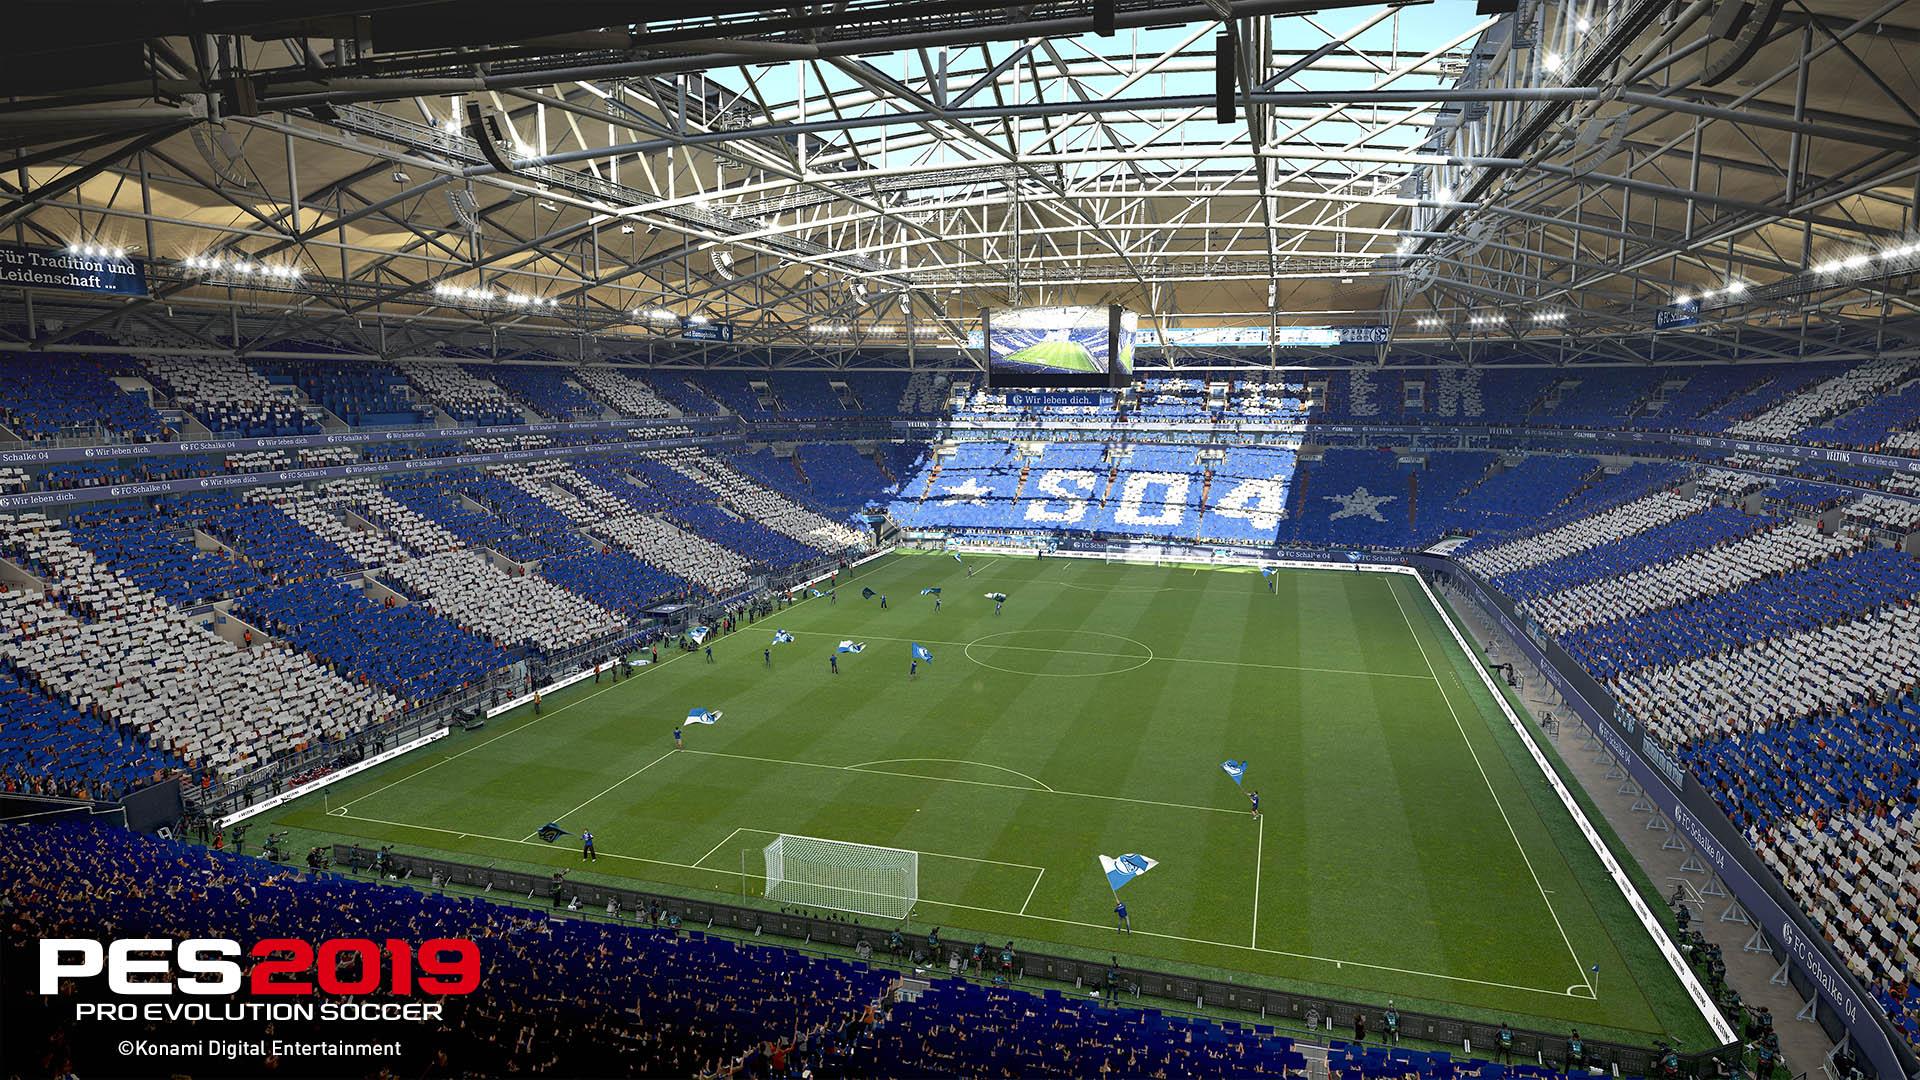 Neue Screenshots zu PES 2019 zeigen FC Schalke 04 und